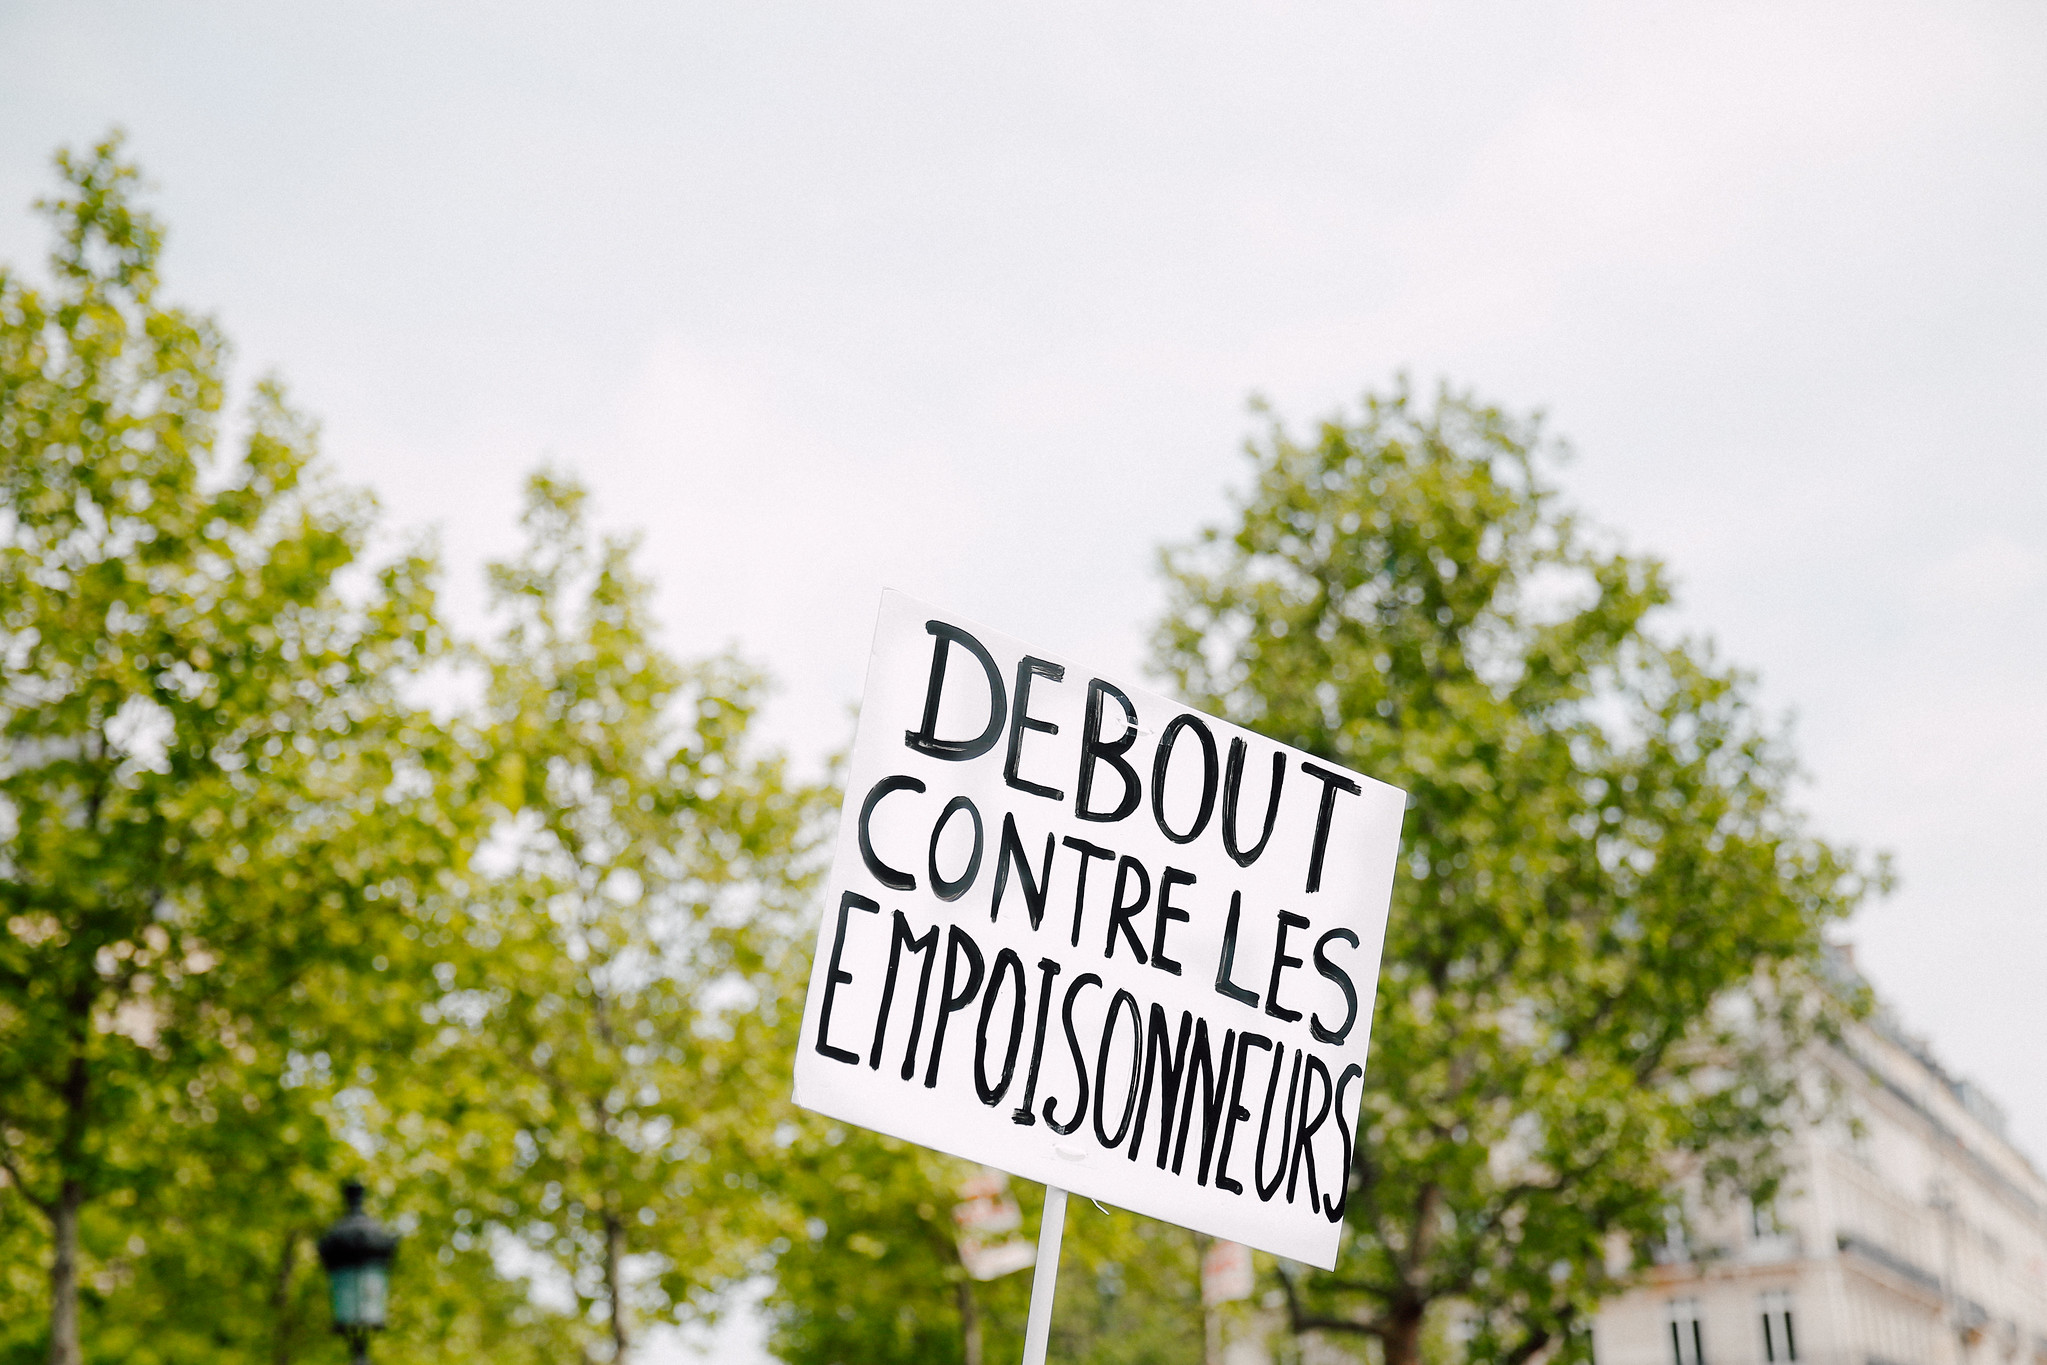 March against Monsanto - Paris, May 2016. Changer sa manière de consommer. Changer de consommation. Manger bio. Manifestation contre monsanto et bayer